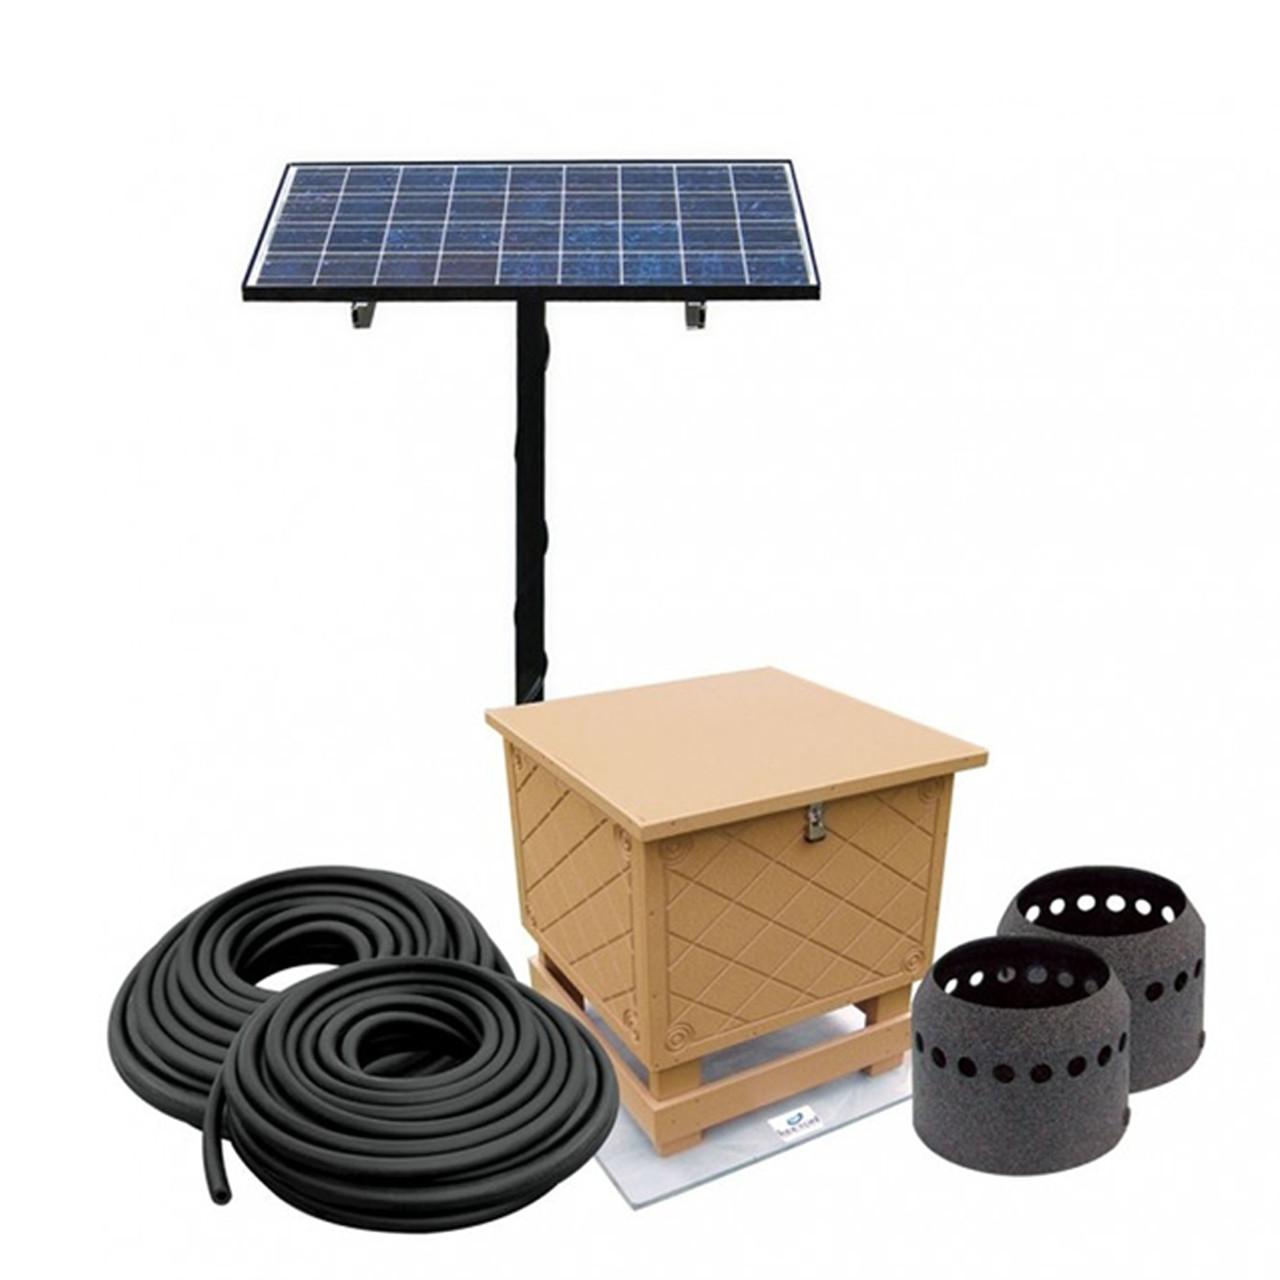 Sistema de aireación de energía solar para lagos y estanques Keeton Solaer SB-1.2 hasta 2 acres